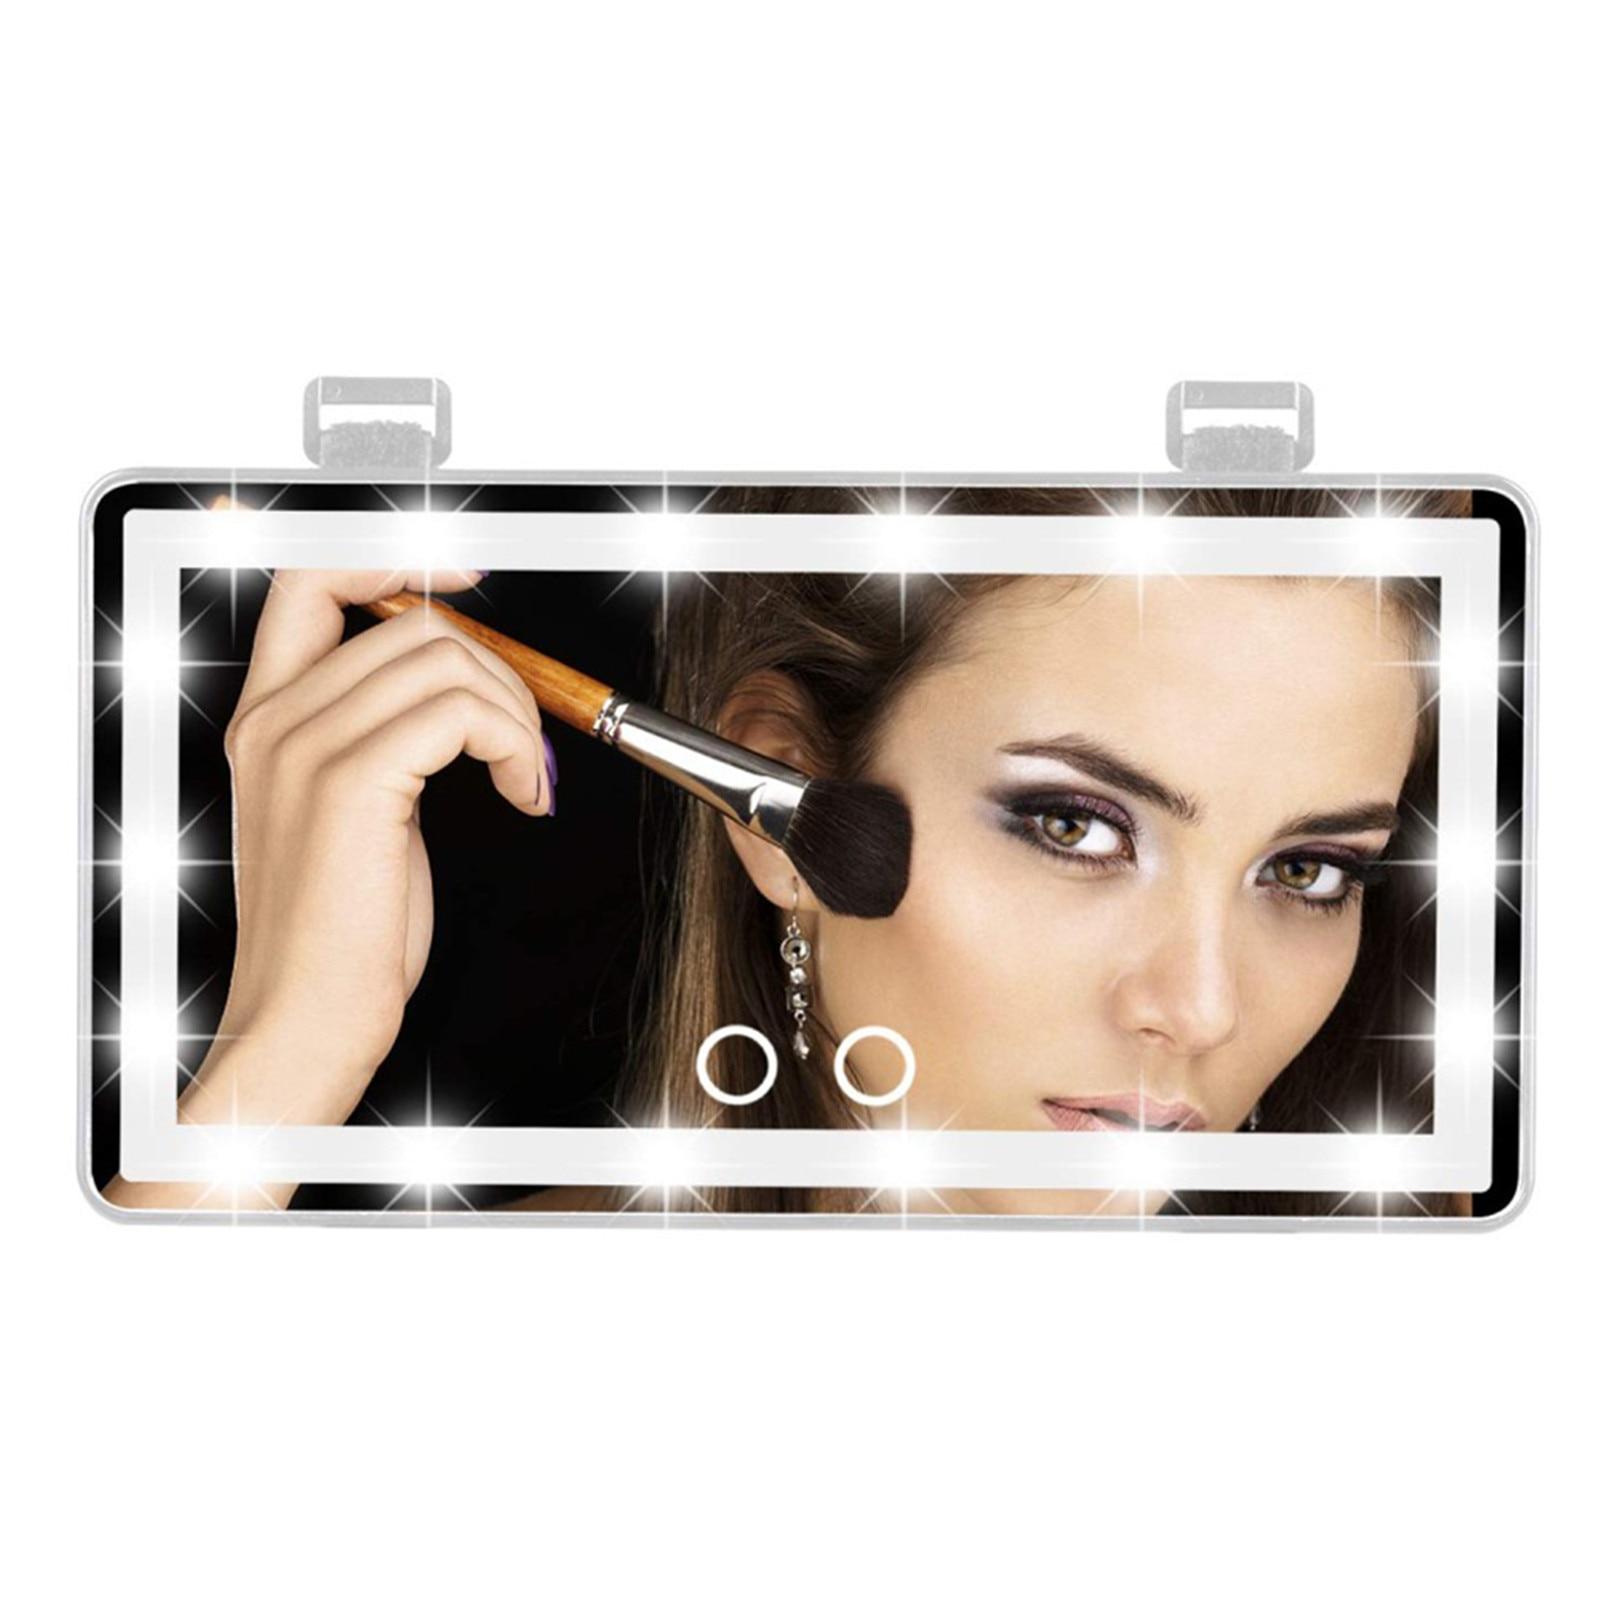 Универсальное зеркало для макияжа, Автомобильное Зеркало с сенсорным выключателем, регулируемое